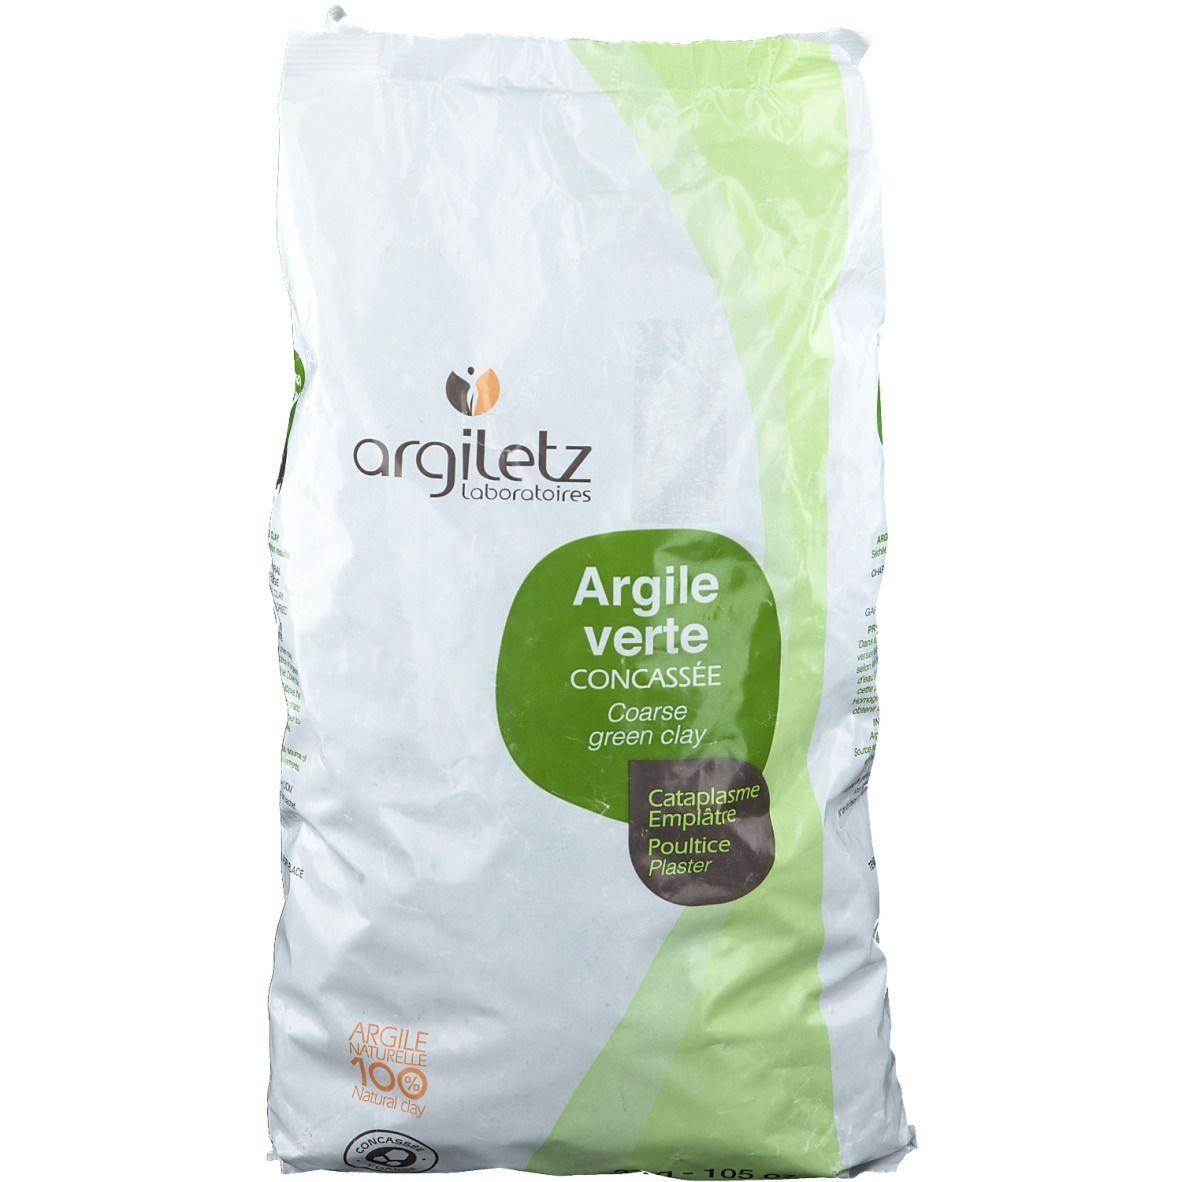 Argiletz Argile verte Concassée kg sachet(s)